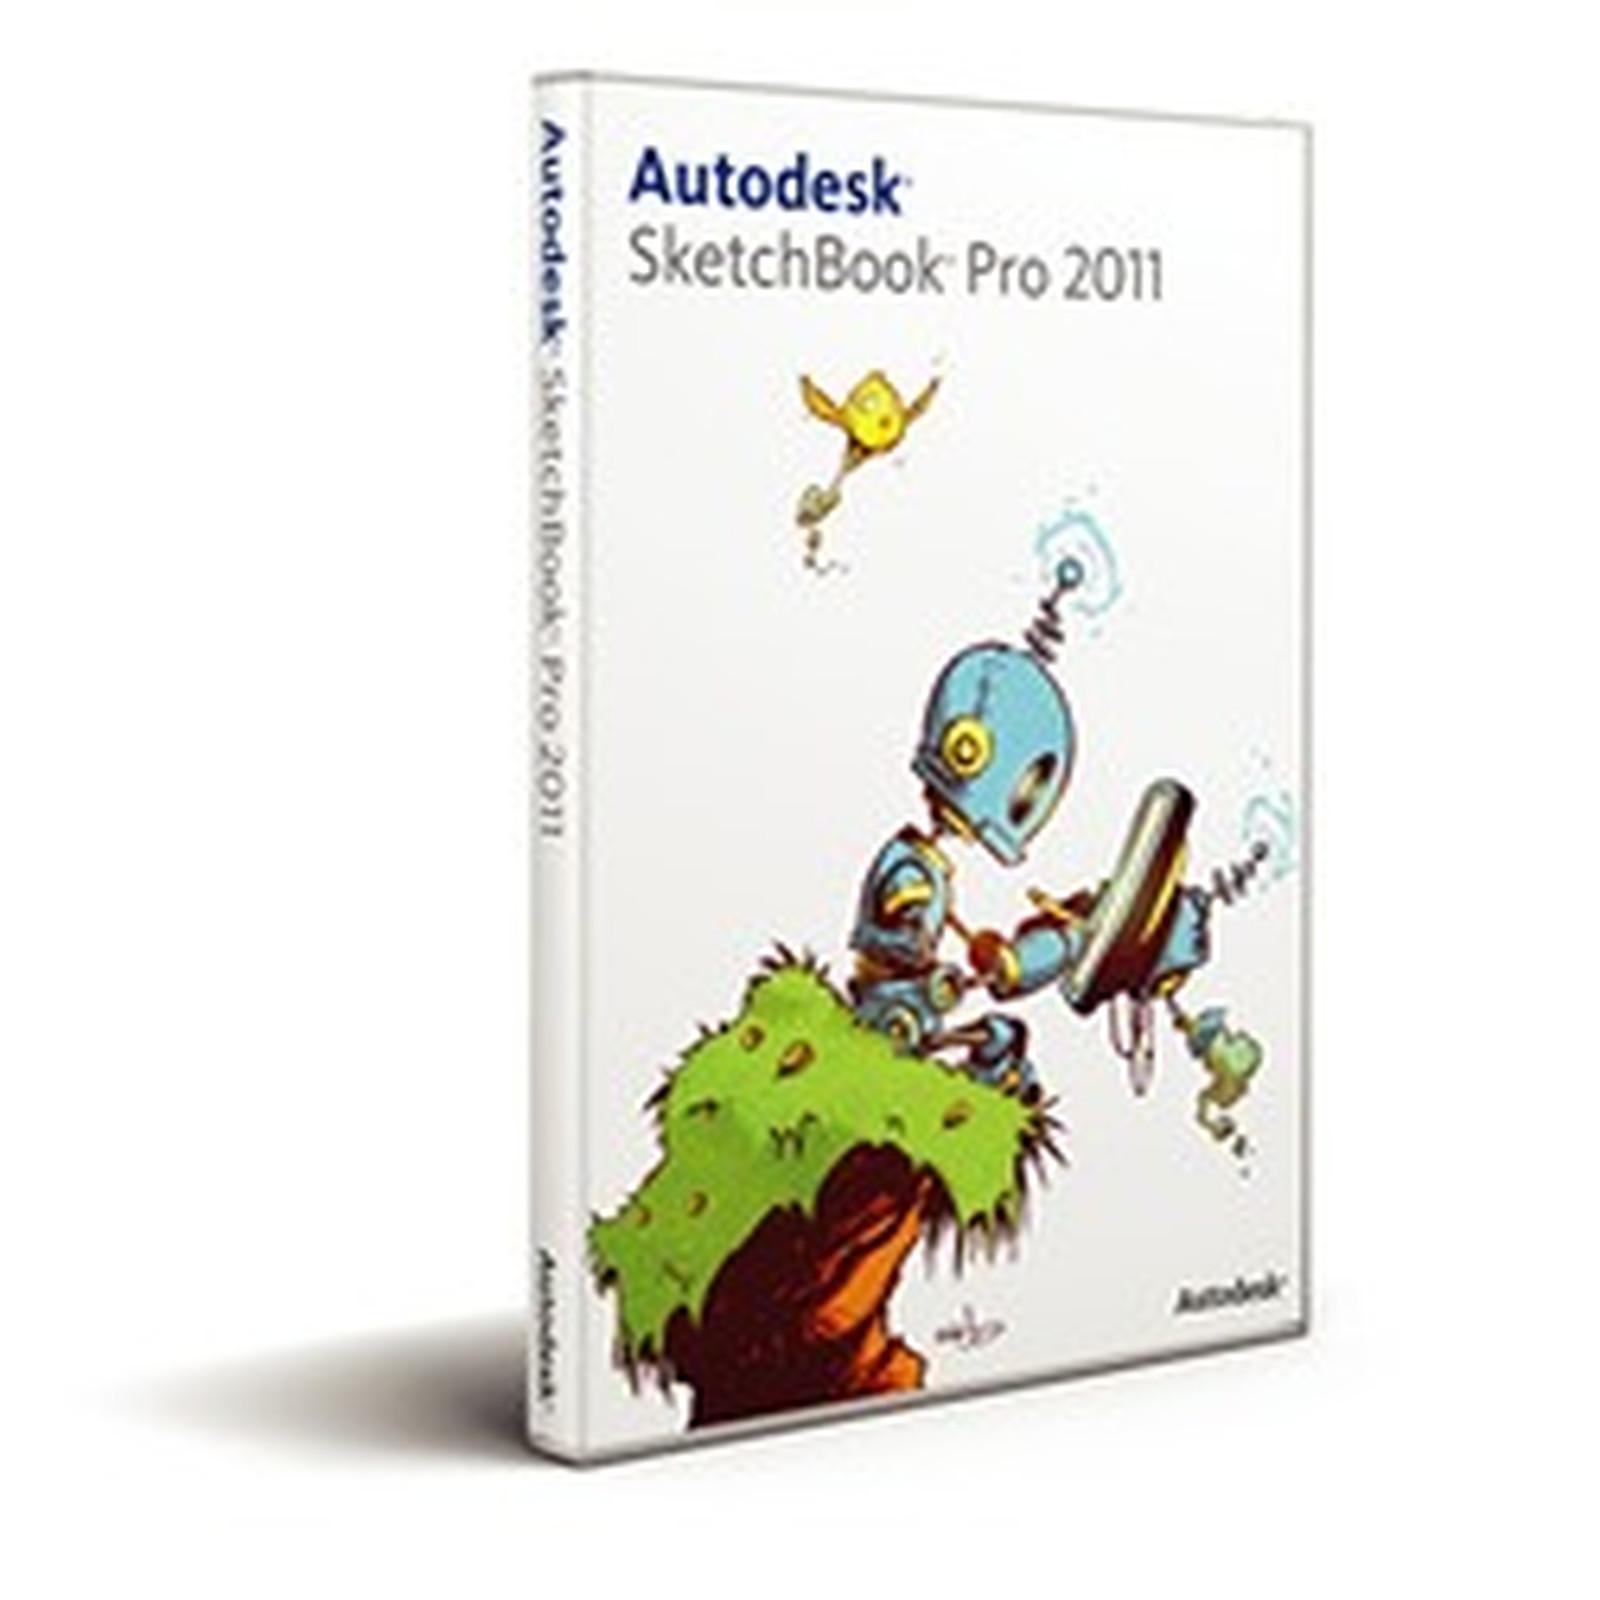 Autodesk SketchBook Pro 2011 (français, WINDOWS/MAC OS)